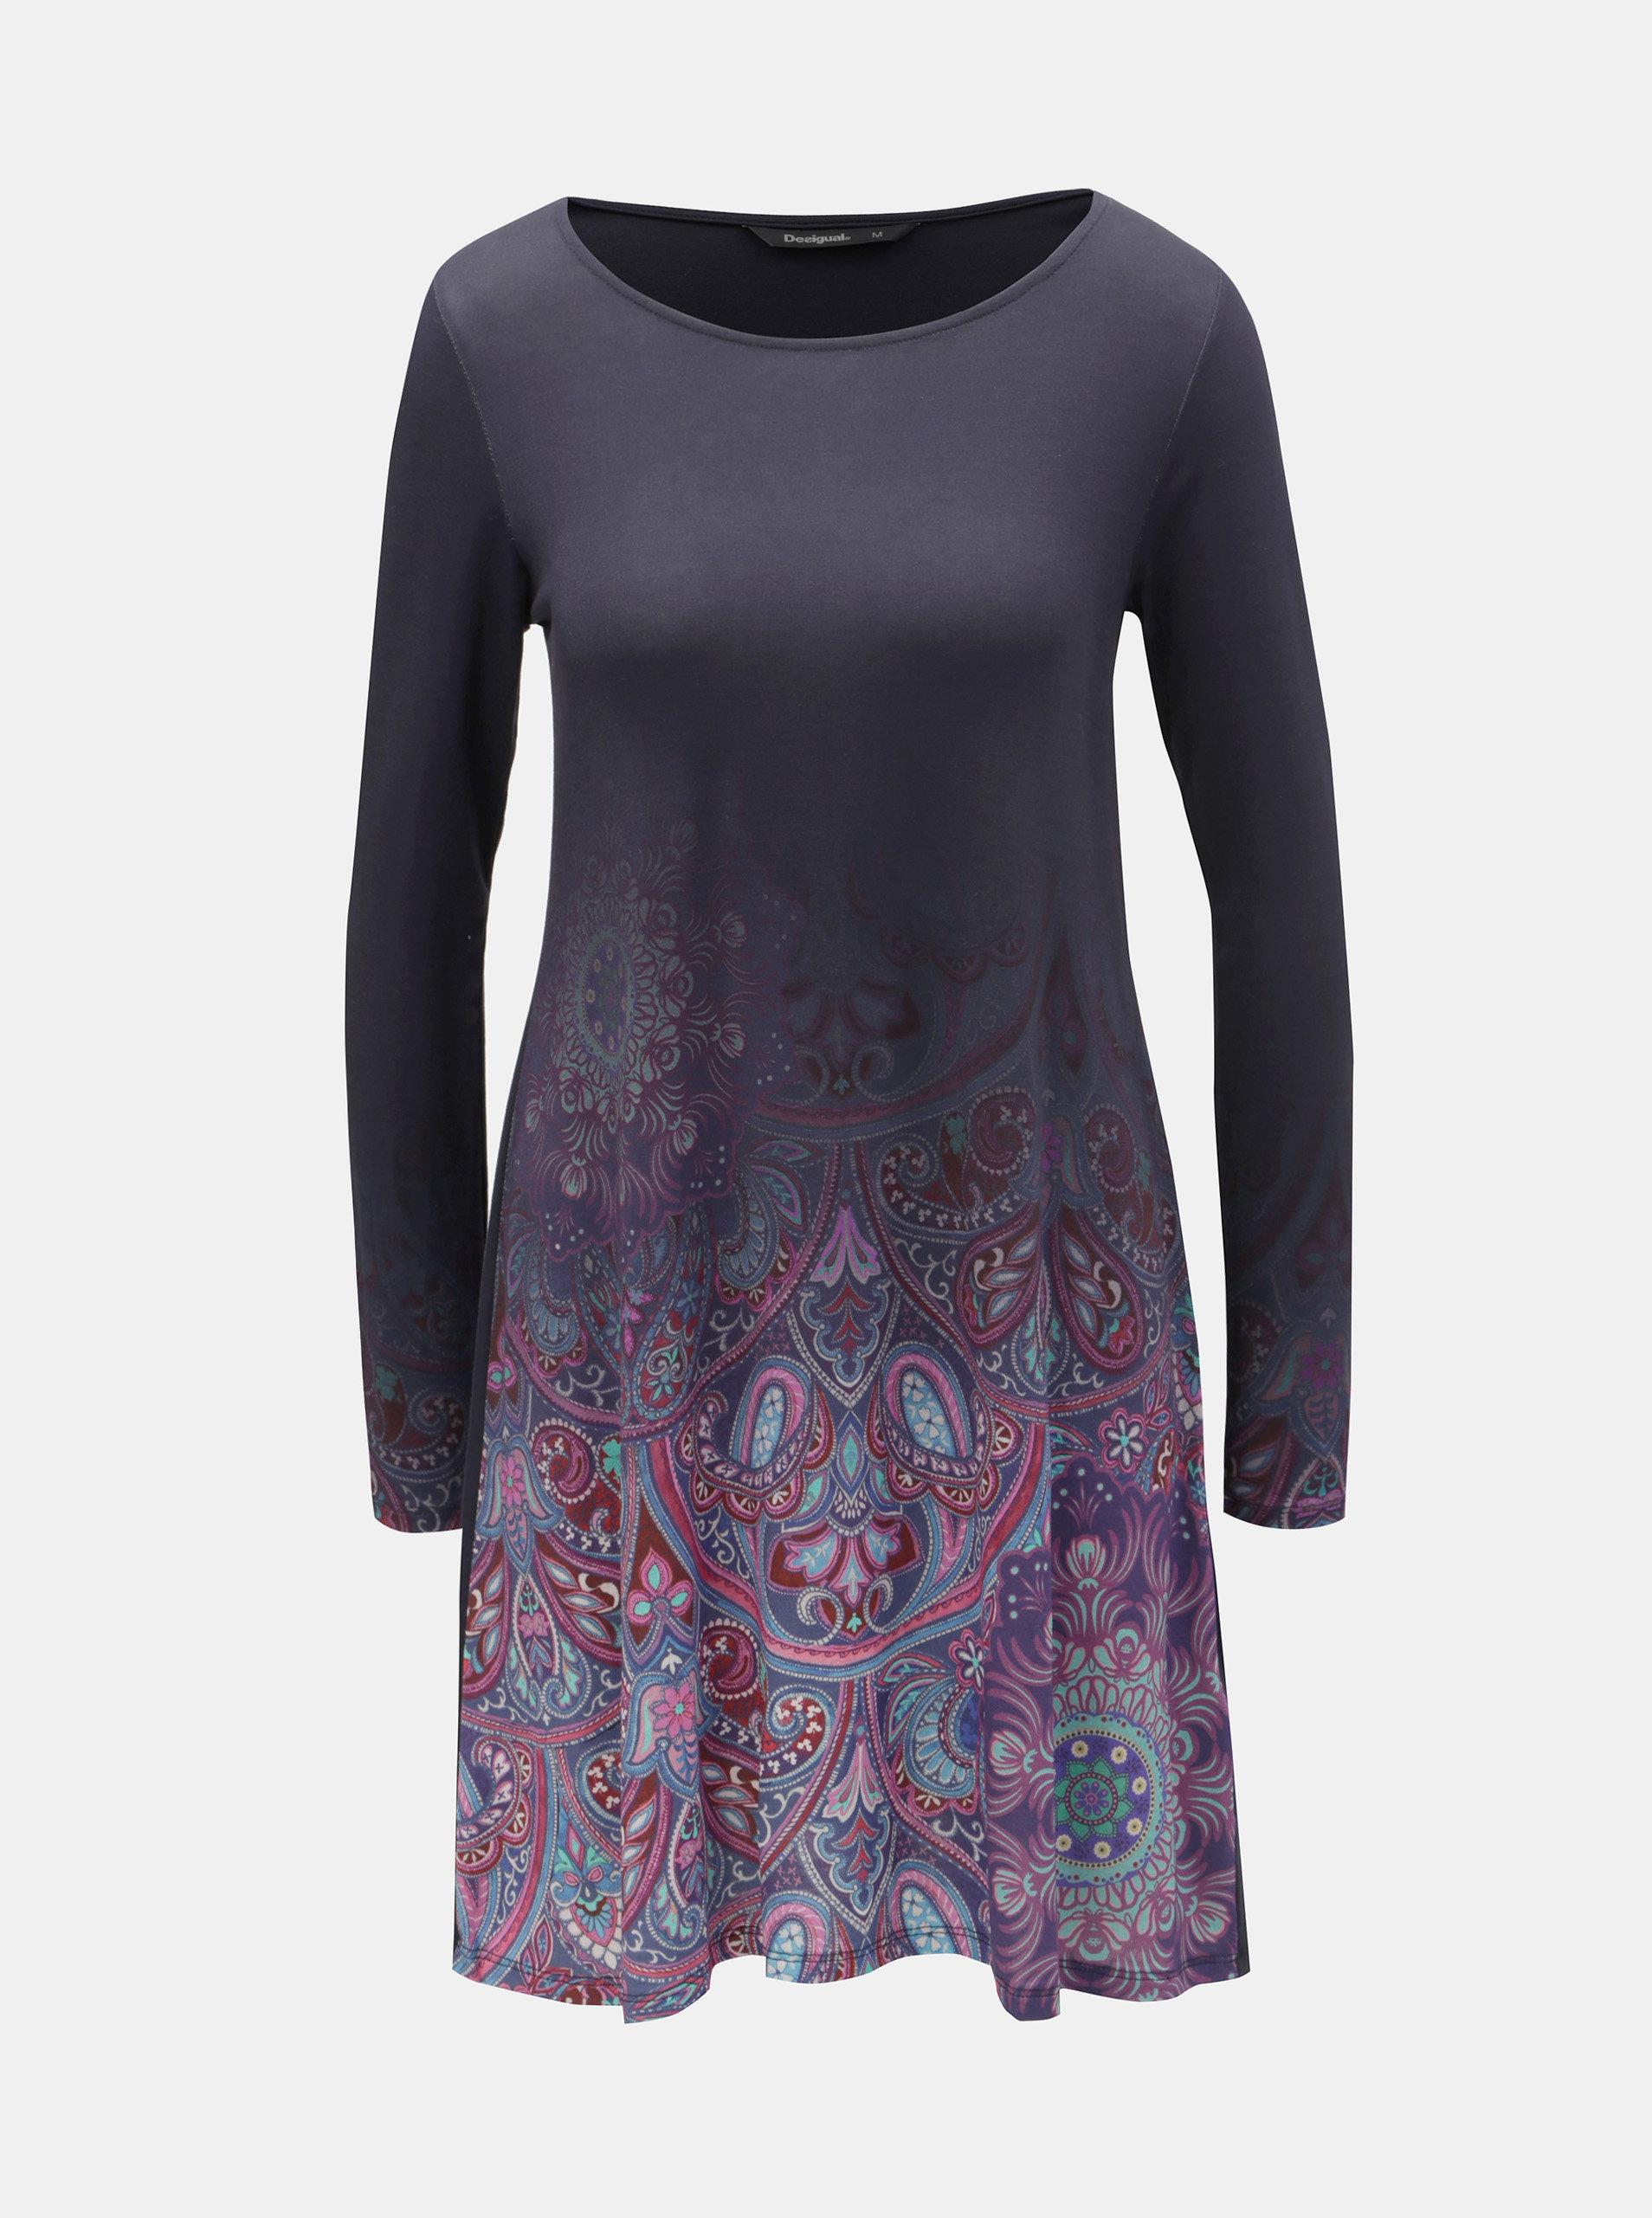 Tmavomodré šaty s potlačou a dlhým rukávom Desigual Troya ... 48b0839c3d6